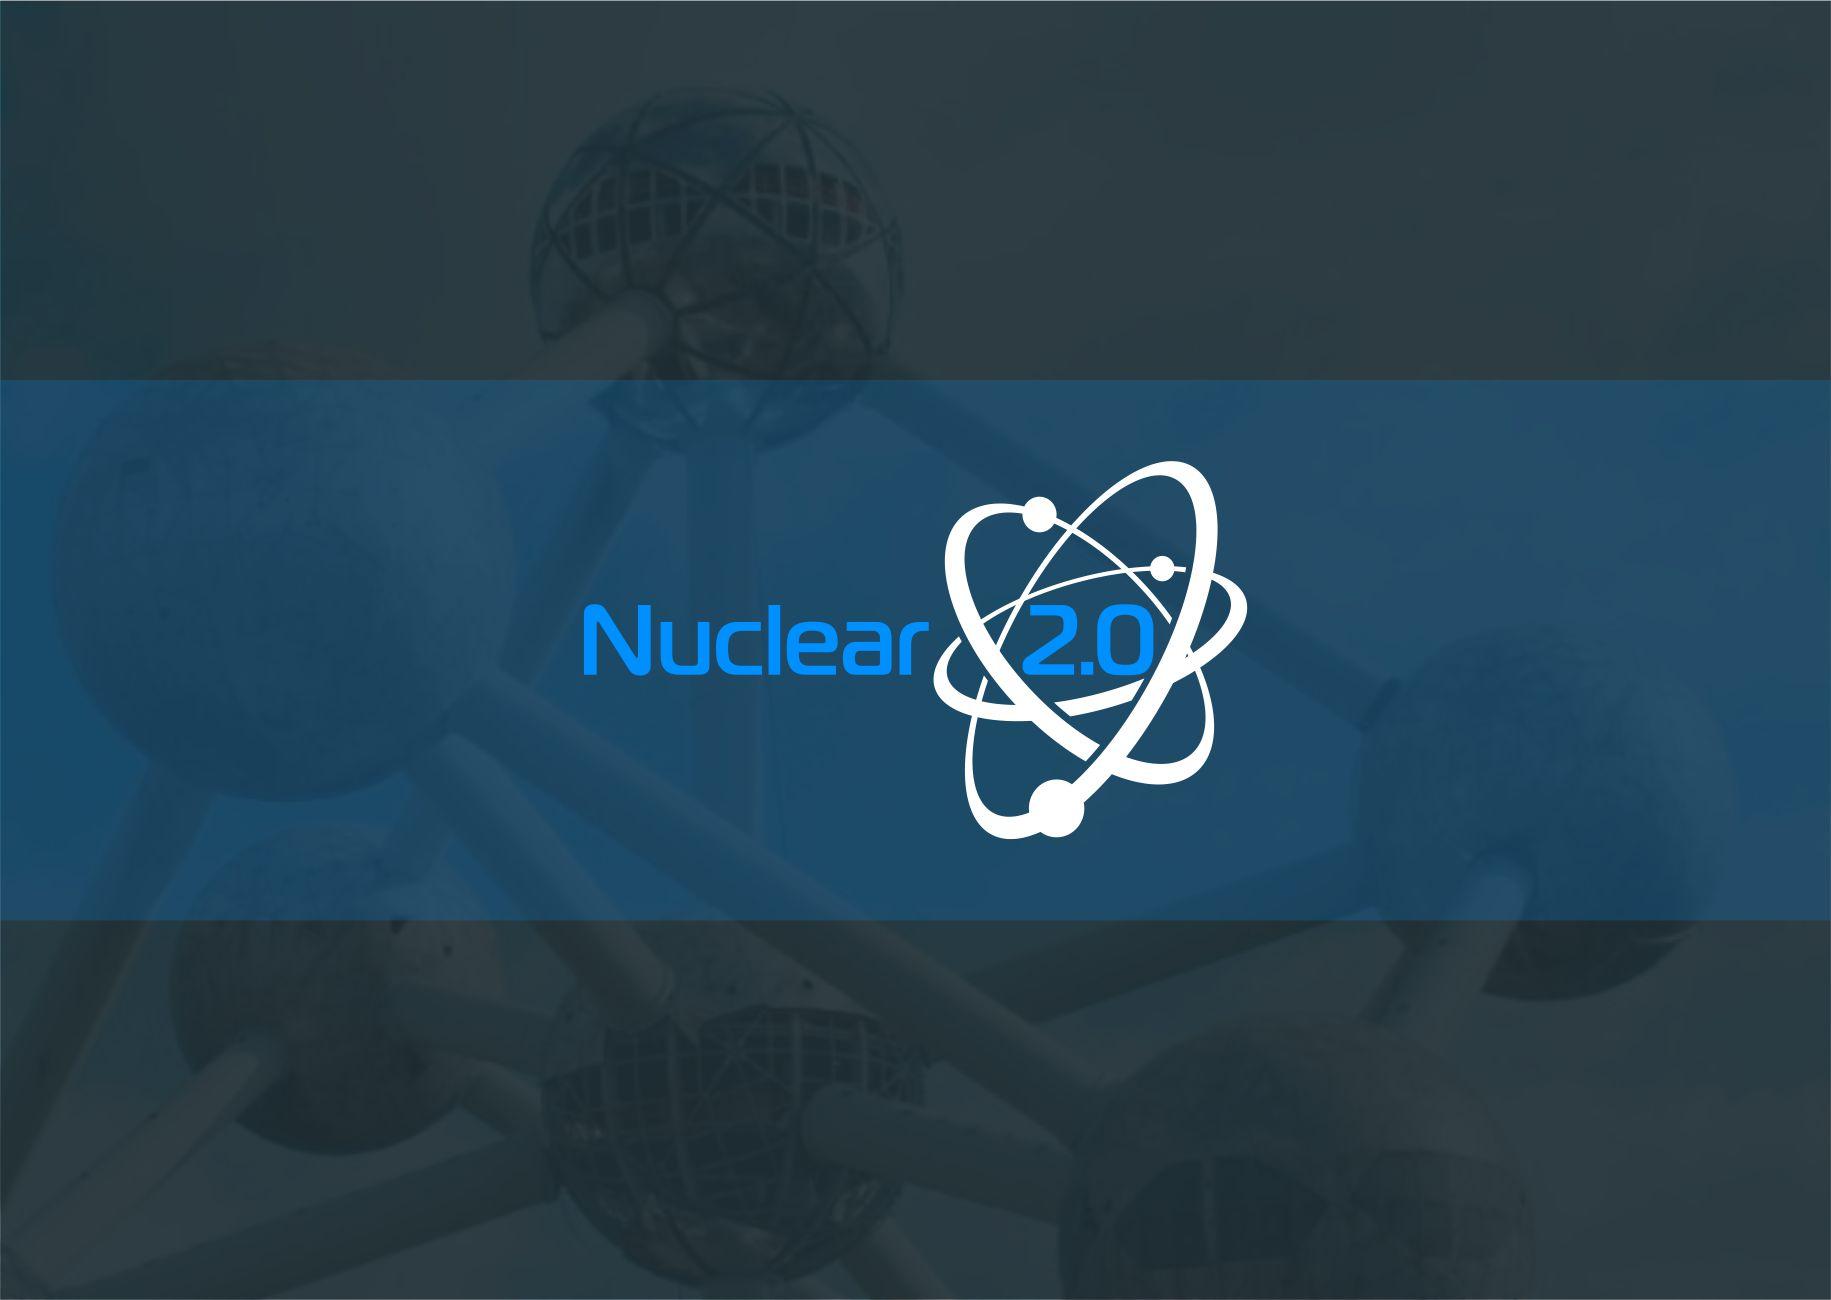 """Фирменный стиль для научного портала """"Атомная энергия 2.0"""" фото f_17159e8baae15adb.jpg"""